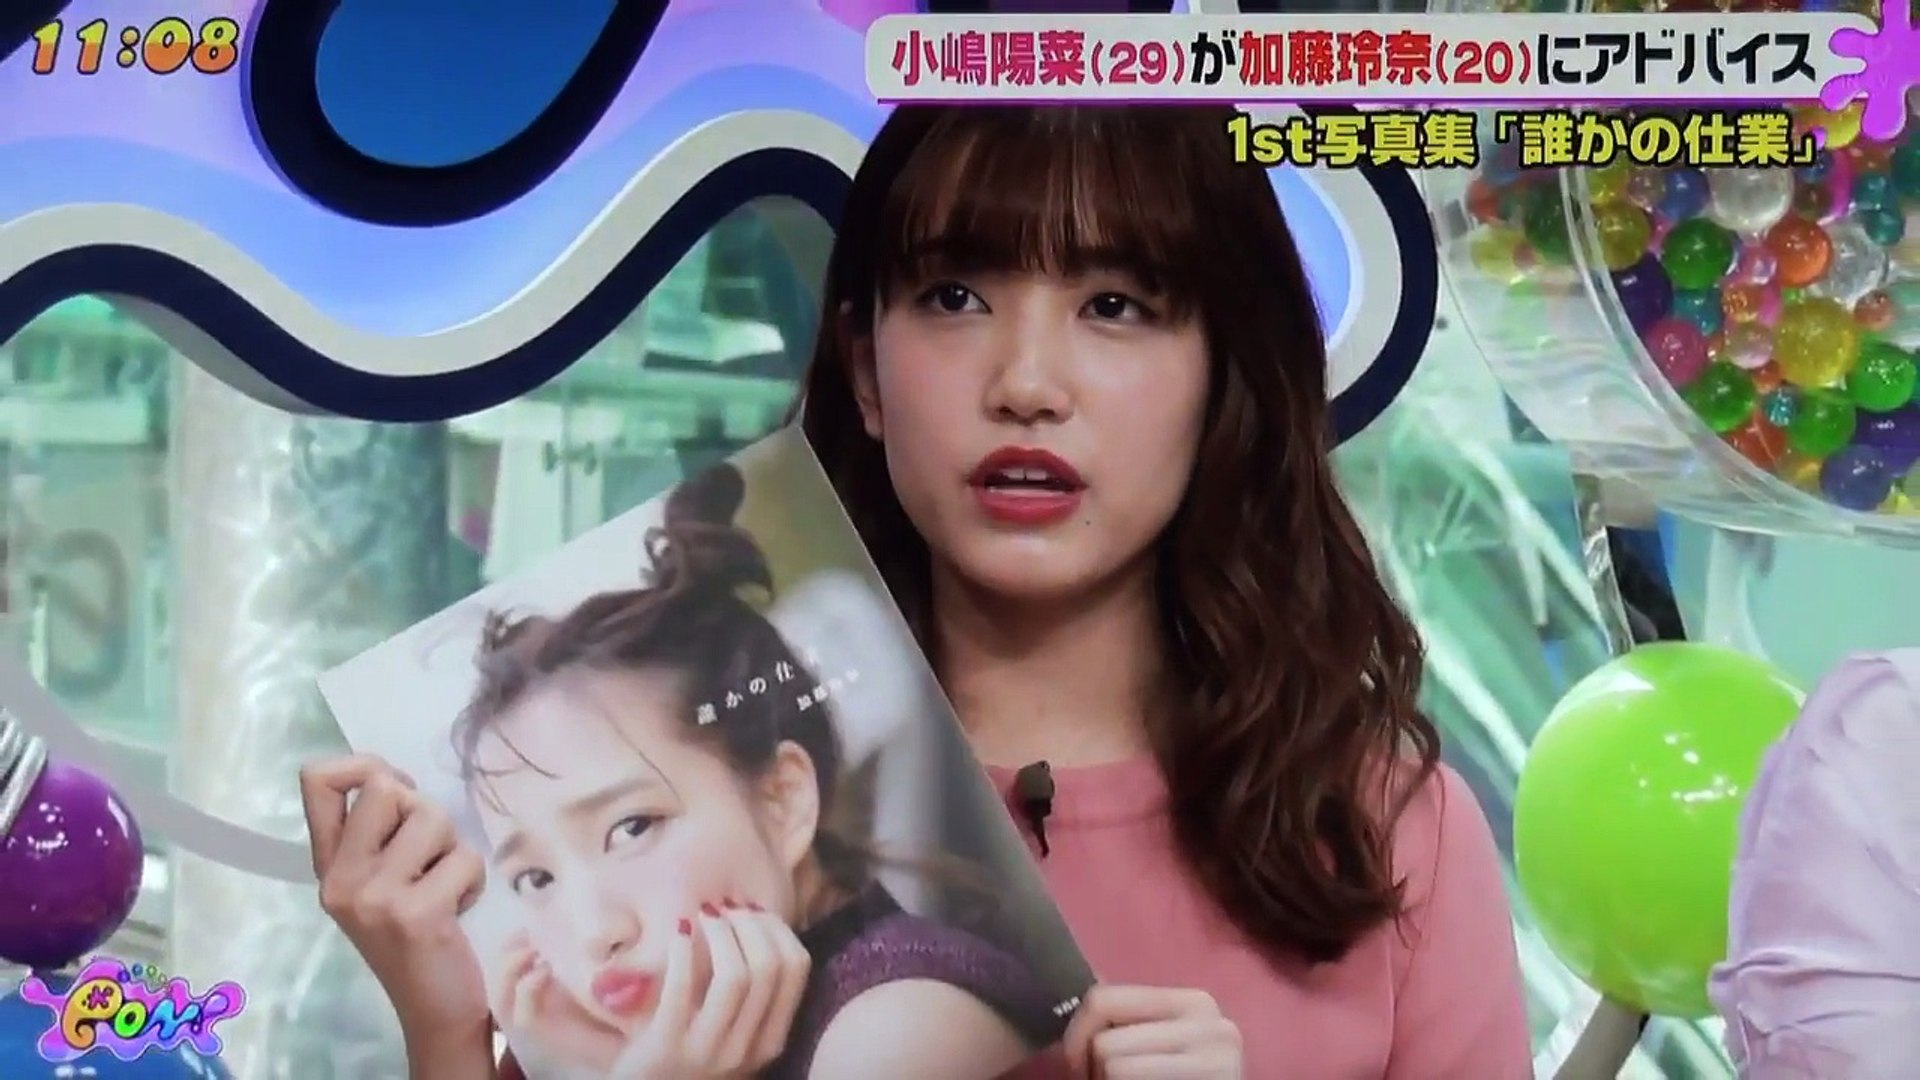 加藤玲奈の1st写真集で小嶋陽菜がアドバイス Dailymotion Video